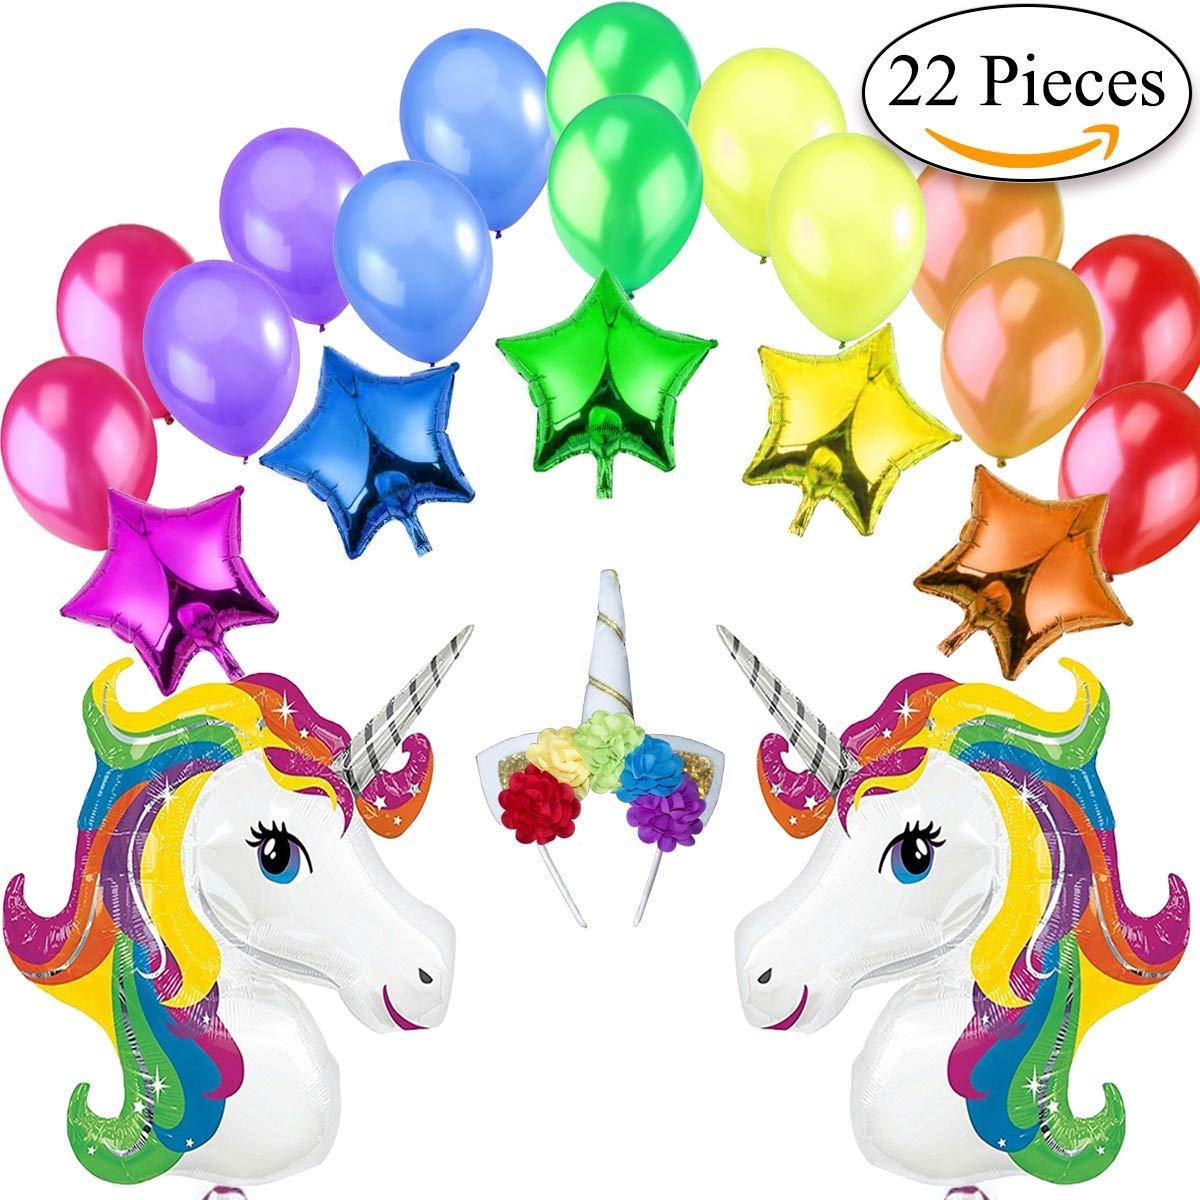 Unicorno Kit Decorazione Festa di Compleanno-2 Unicorni Giganti Arcobaleno, 5 Palloncini a Stelle, 1 Diadema/Cerchietto per Capelli a Unicorno e 14 Palloncini Perlati Jonami